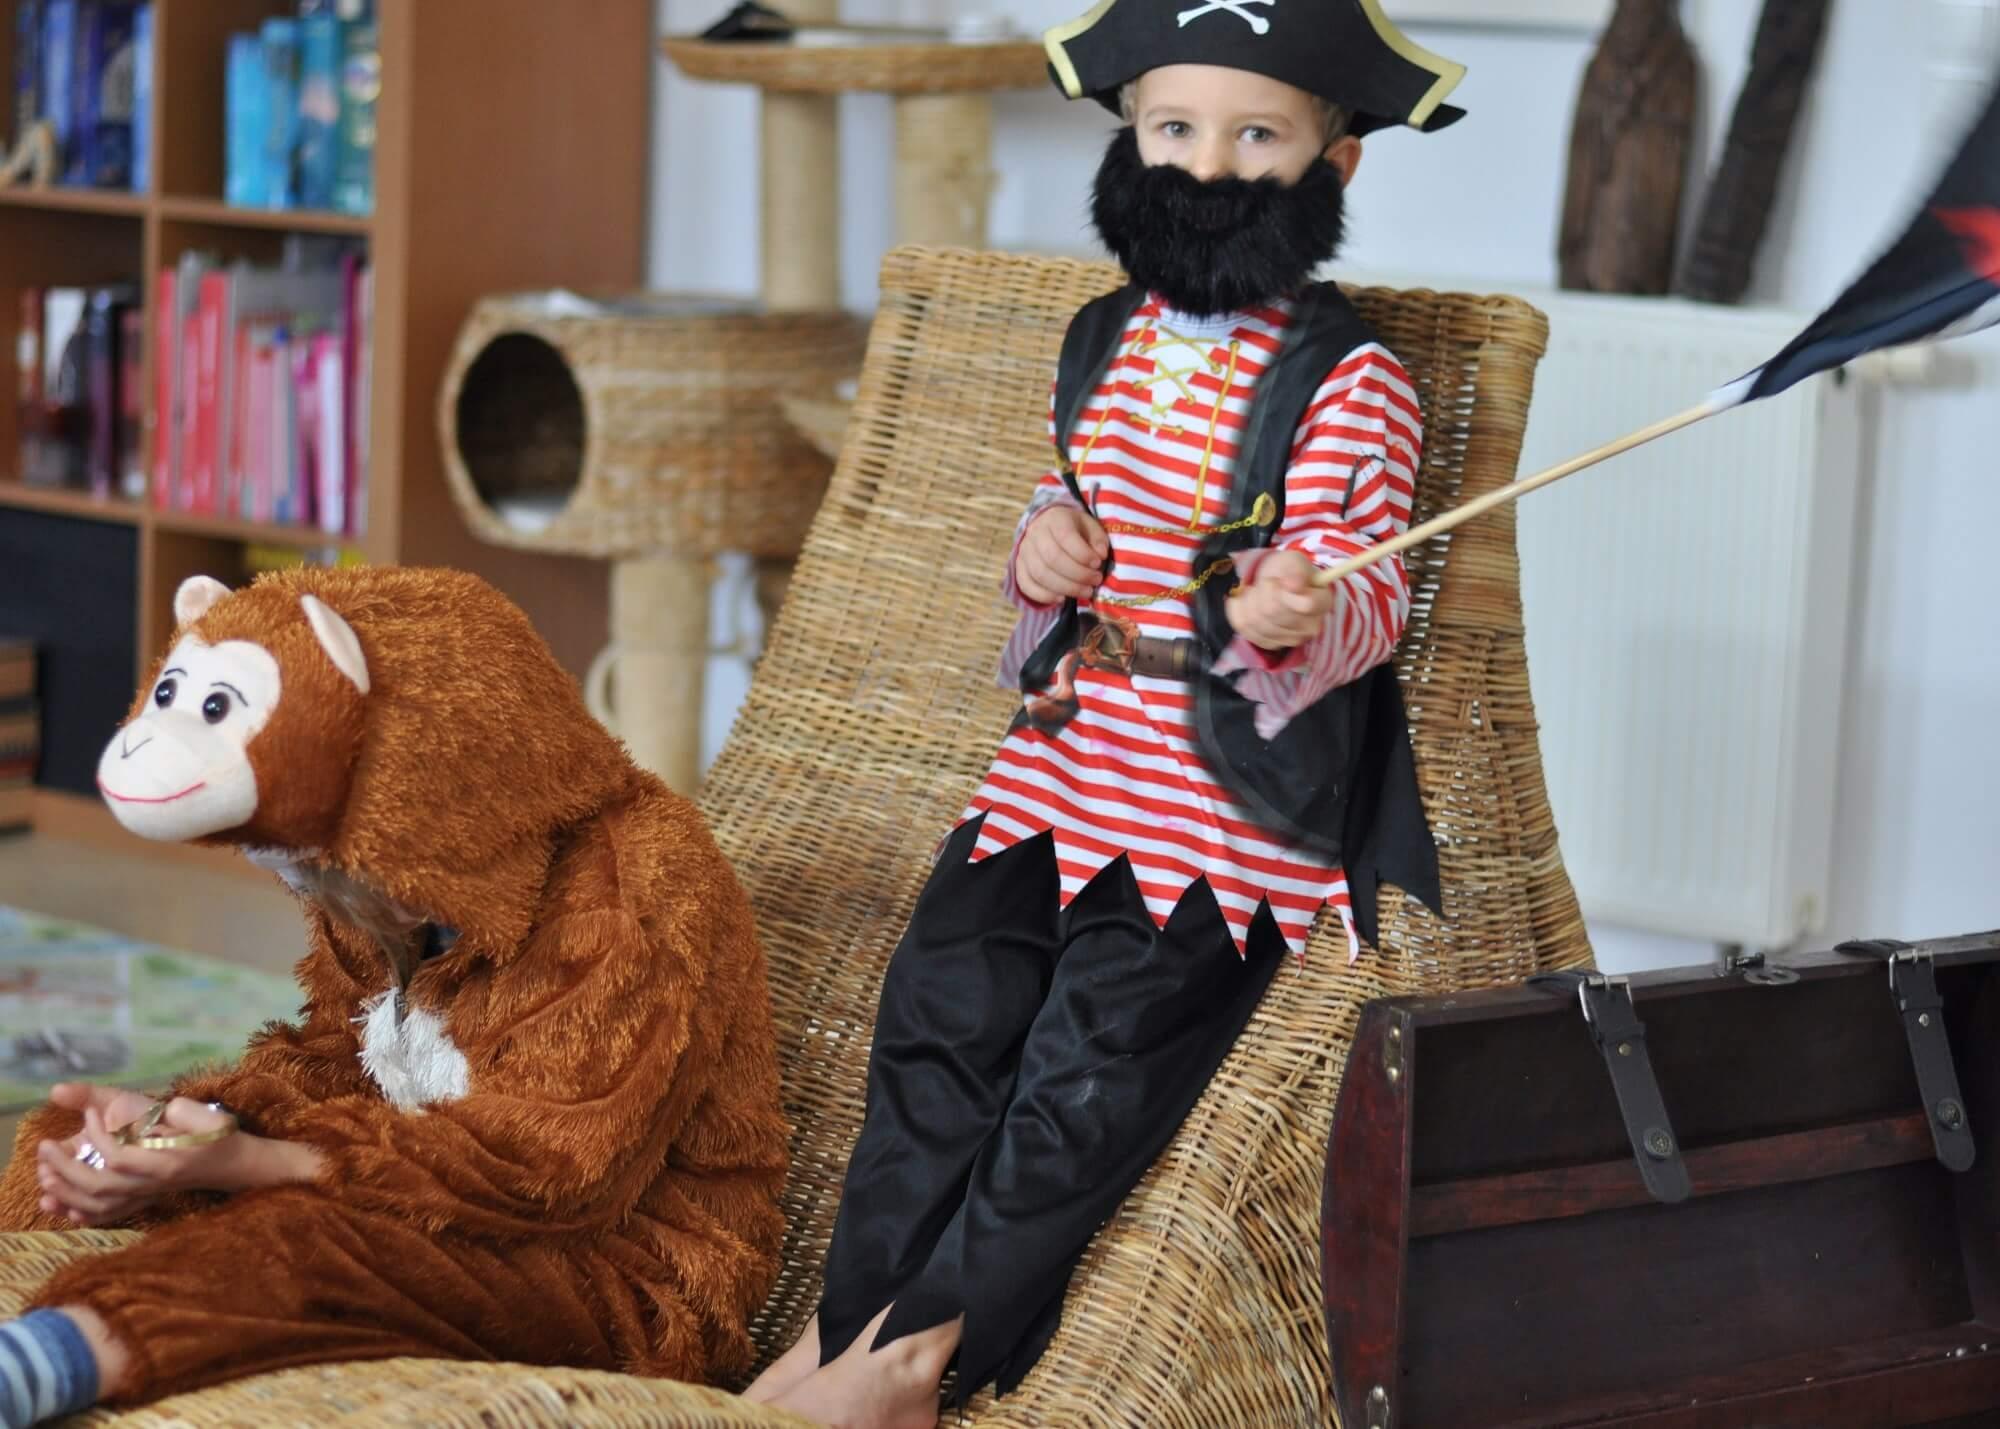 *Werbung * Ich hasse Fasching. Warum ich als Faschings-Muffel-Mama trotzdem weiß, wo es richtig tolle Kinderkostüme zu kaufen gibt und was in eine coole Verkleidungskiste gehört? #karneval #fastnacht #verkleiden #fasching #kostüm #kinder #affe #pirat